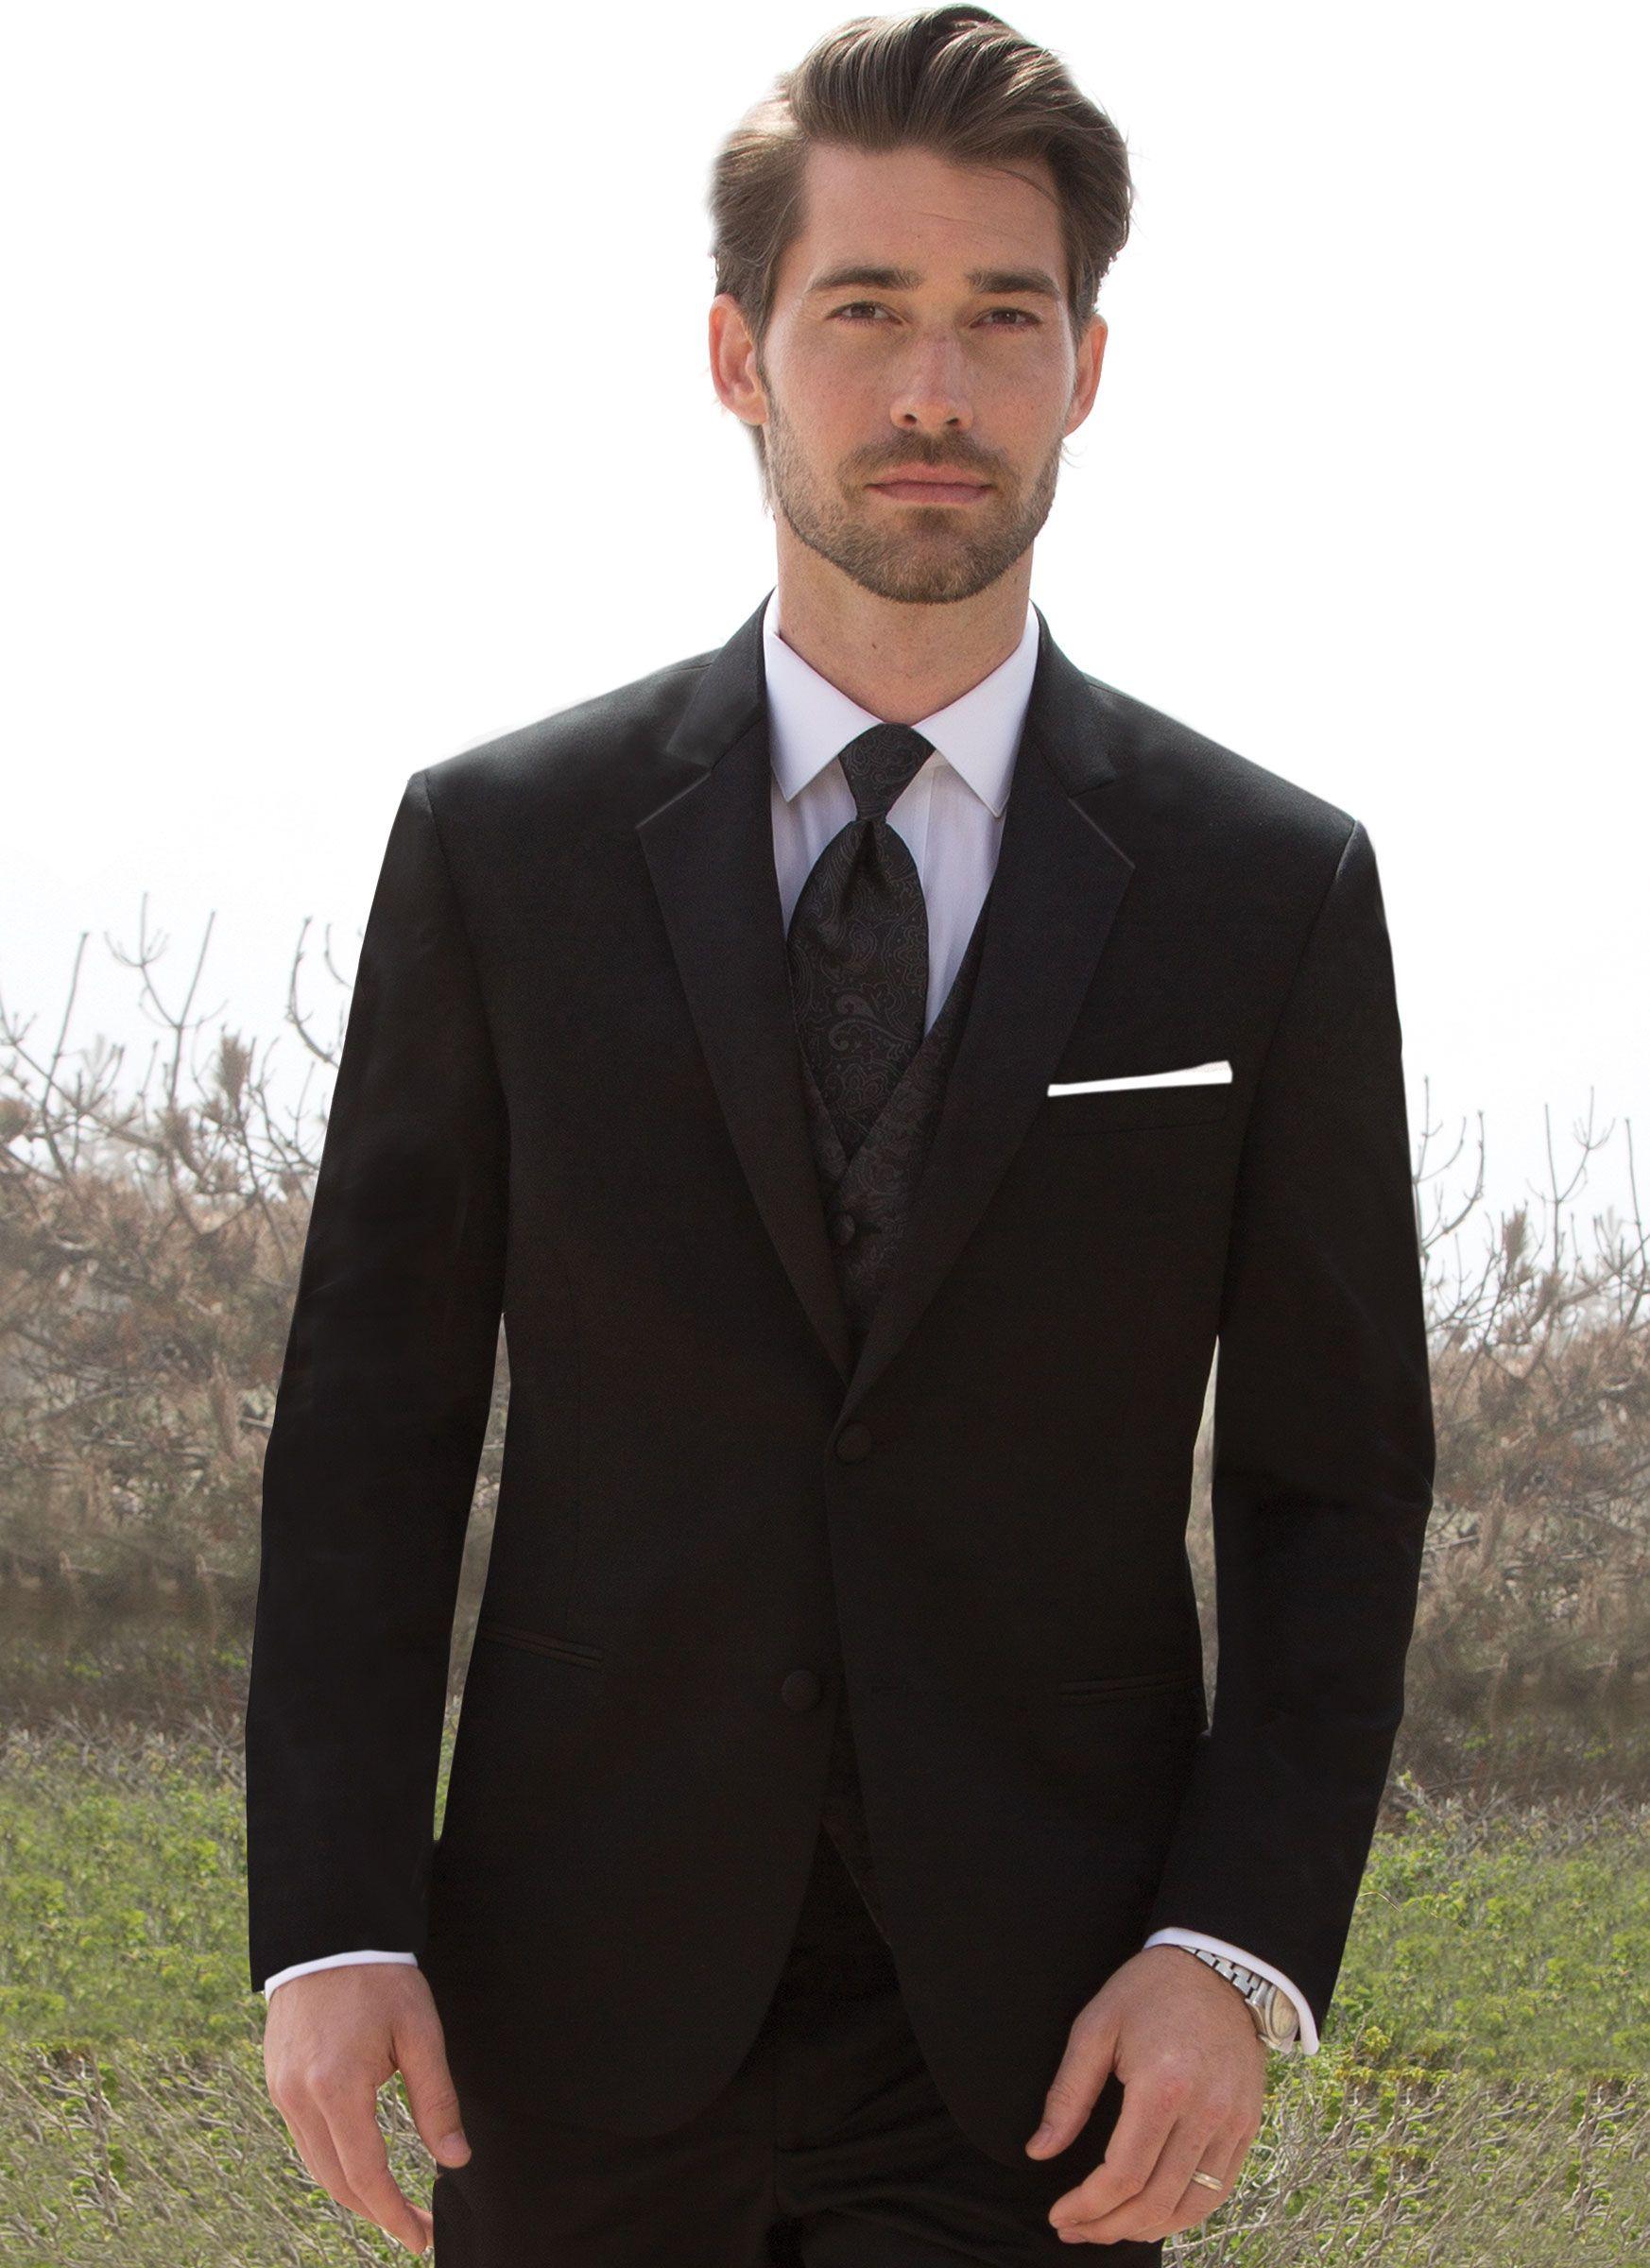 Black Suits Wedding Suits For Men 2015 Groomsmen Suits Groom ...